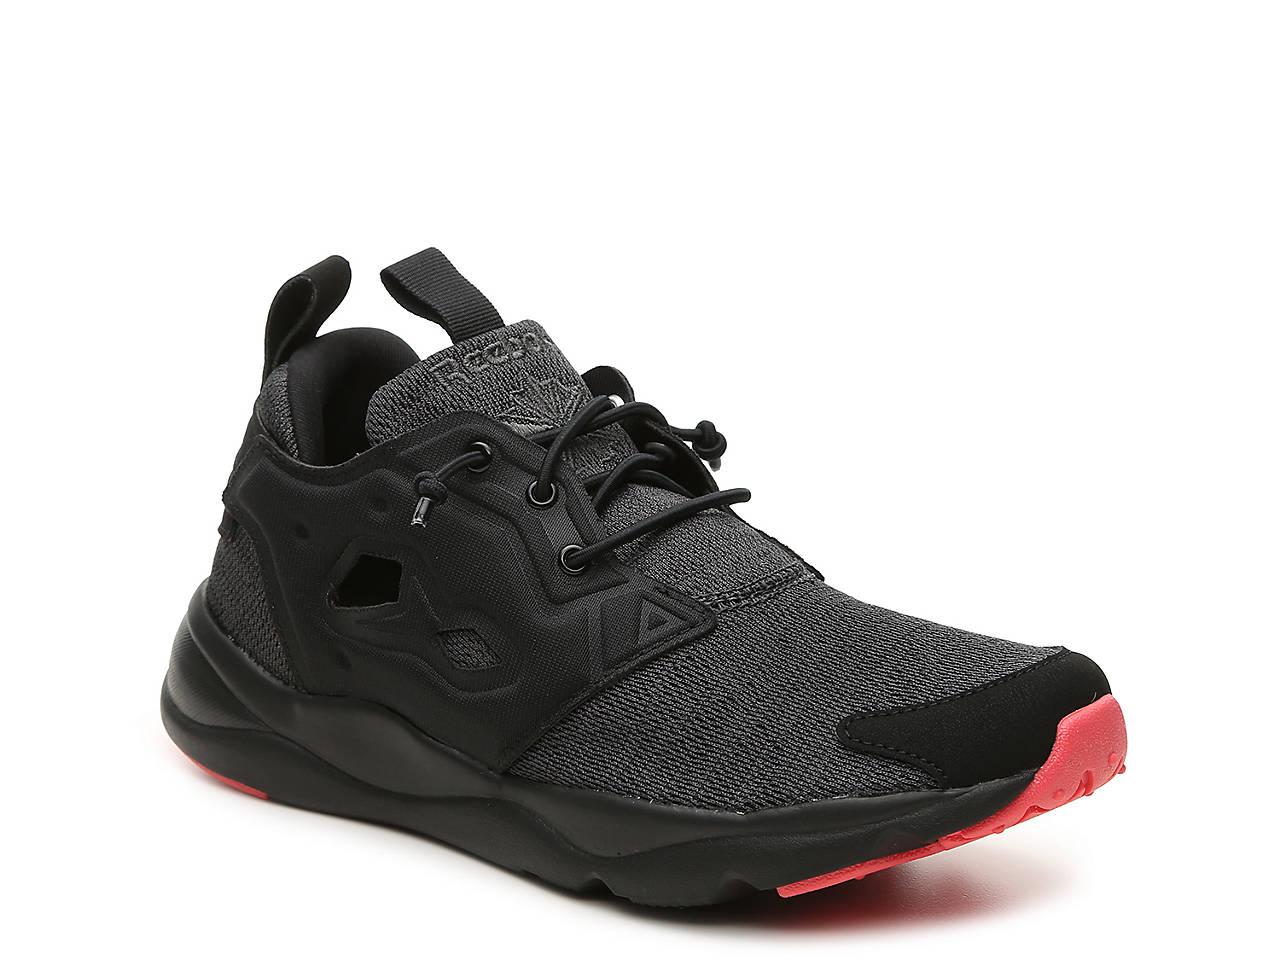 2f49461f1e4 Reebok Furylite Sole Slip-On Sneaker - Women s Women s Shoes